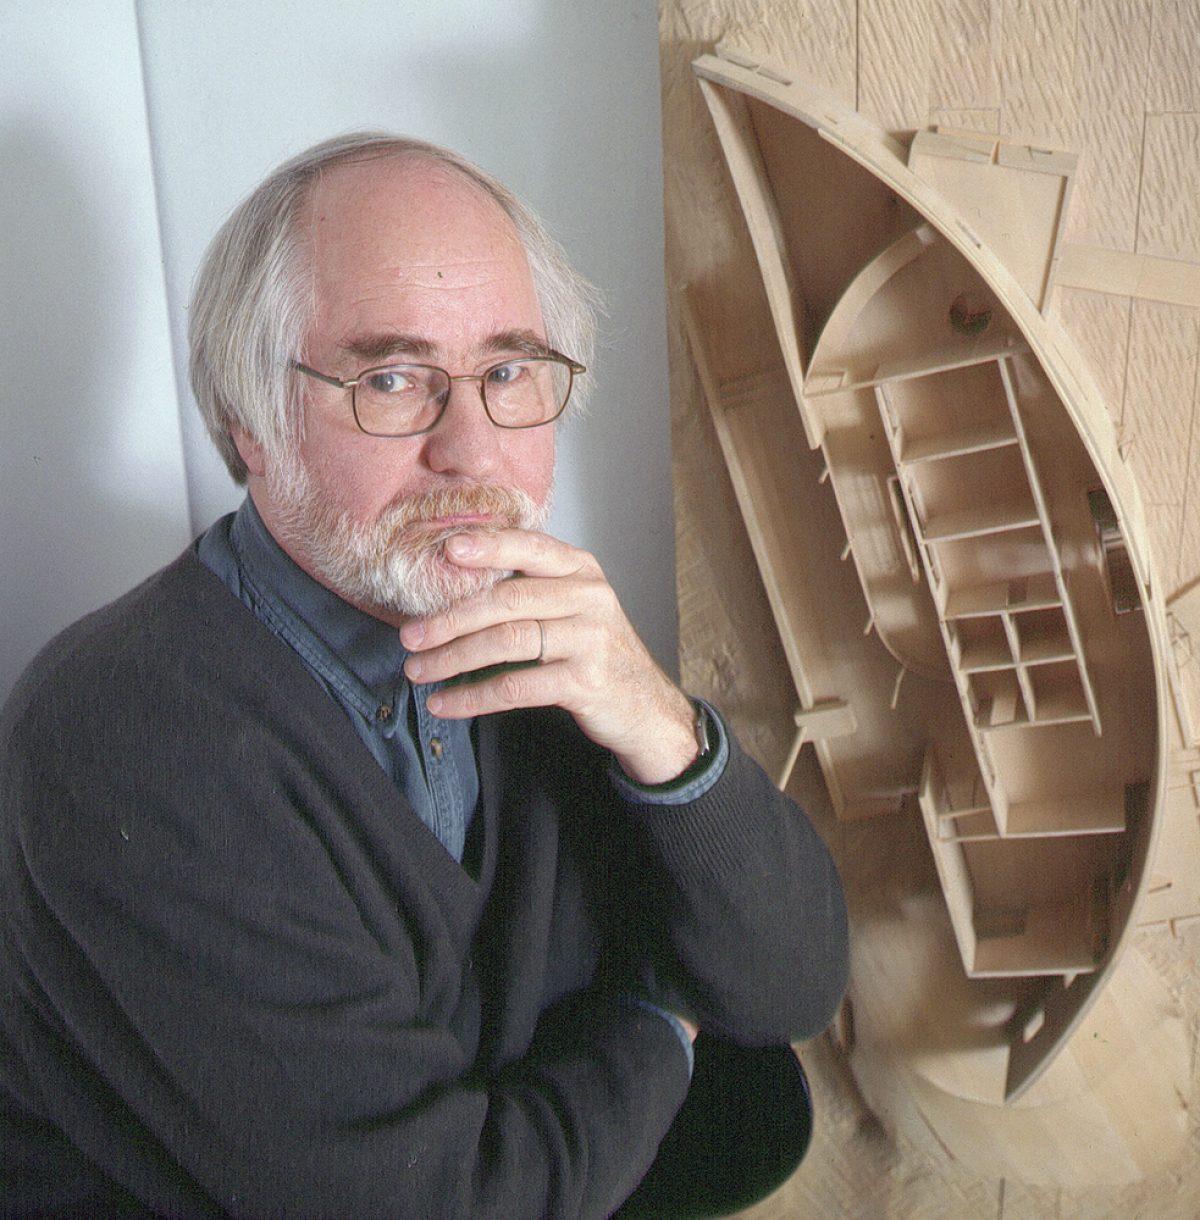 """Διάλεξη του Φινλανδού αρχιτέκτονα Juhani Pallasmaa """"Η τέχνη και η αρχιτεκτονική ως εμπειρία : η πνευματική πραγματικότητα της τέχνης"""""""